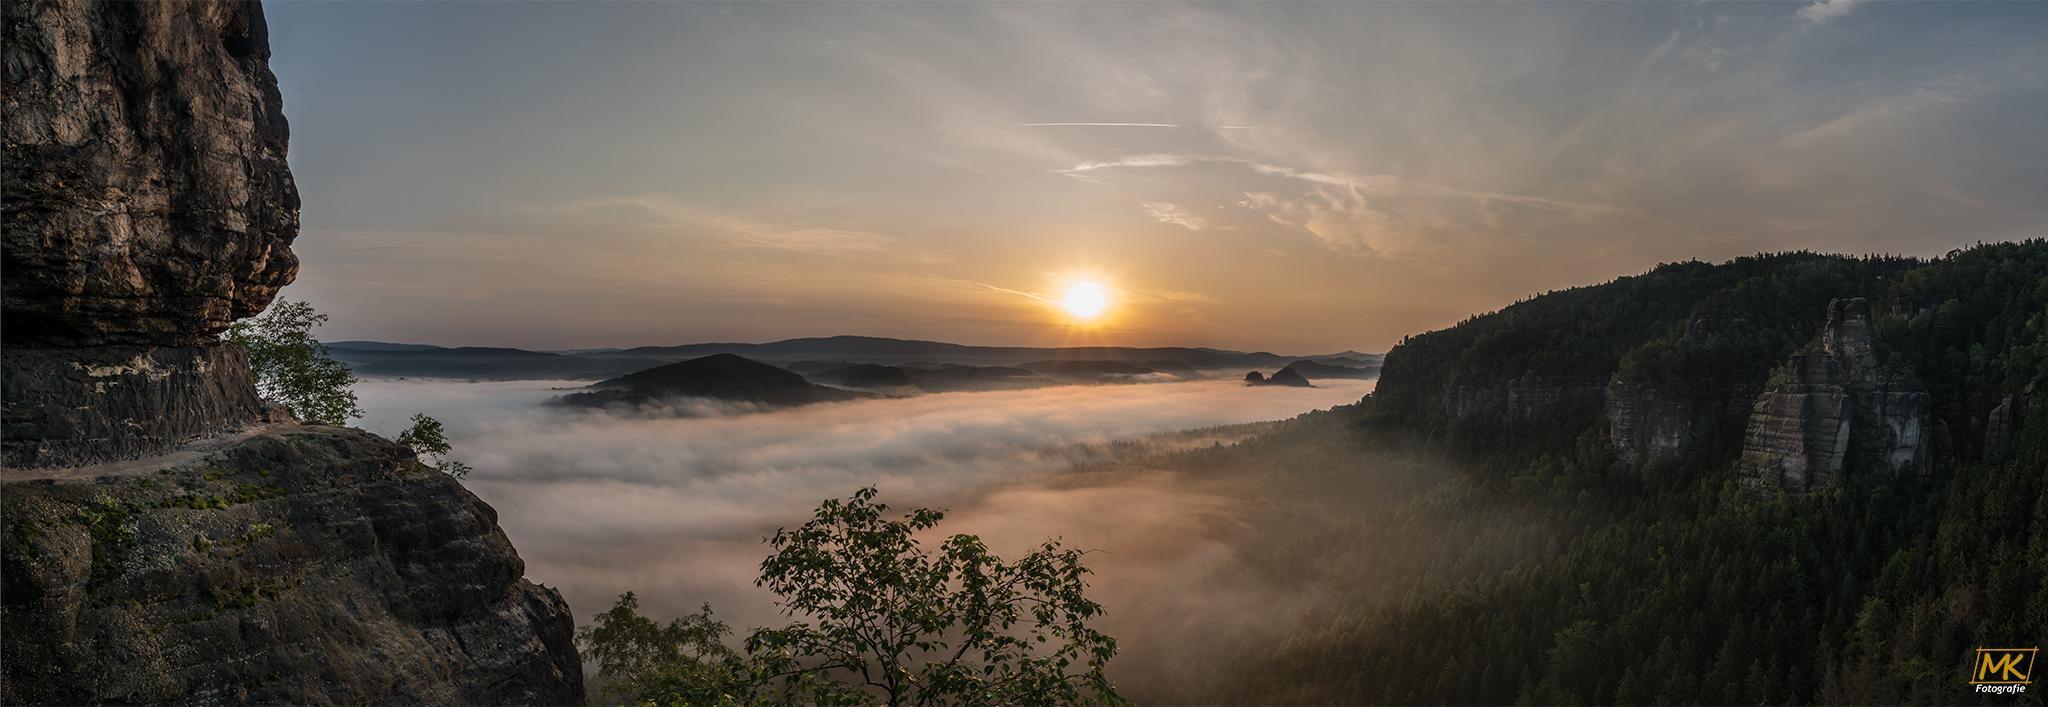 Sächsische Schweiz Idargrotte